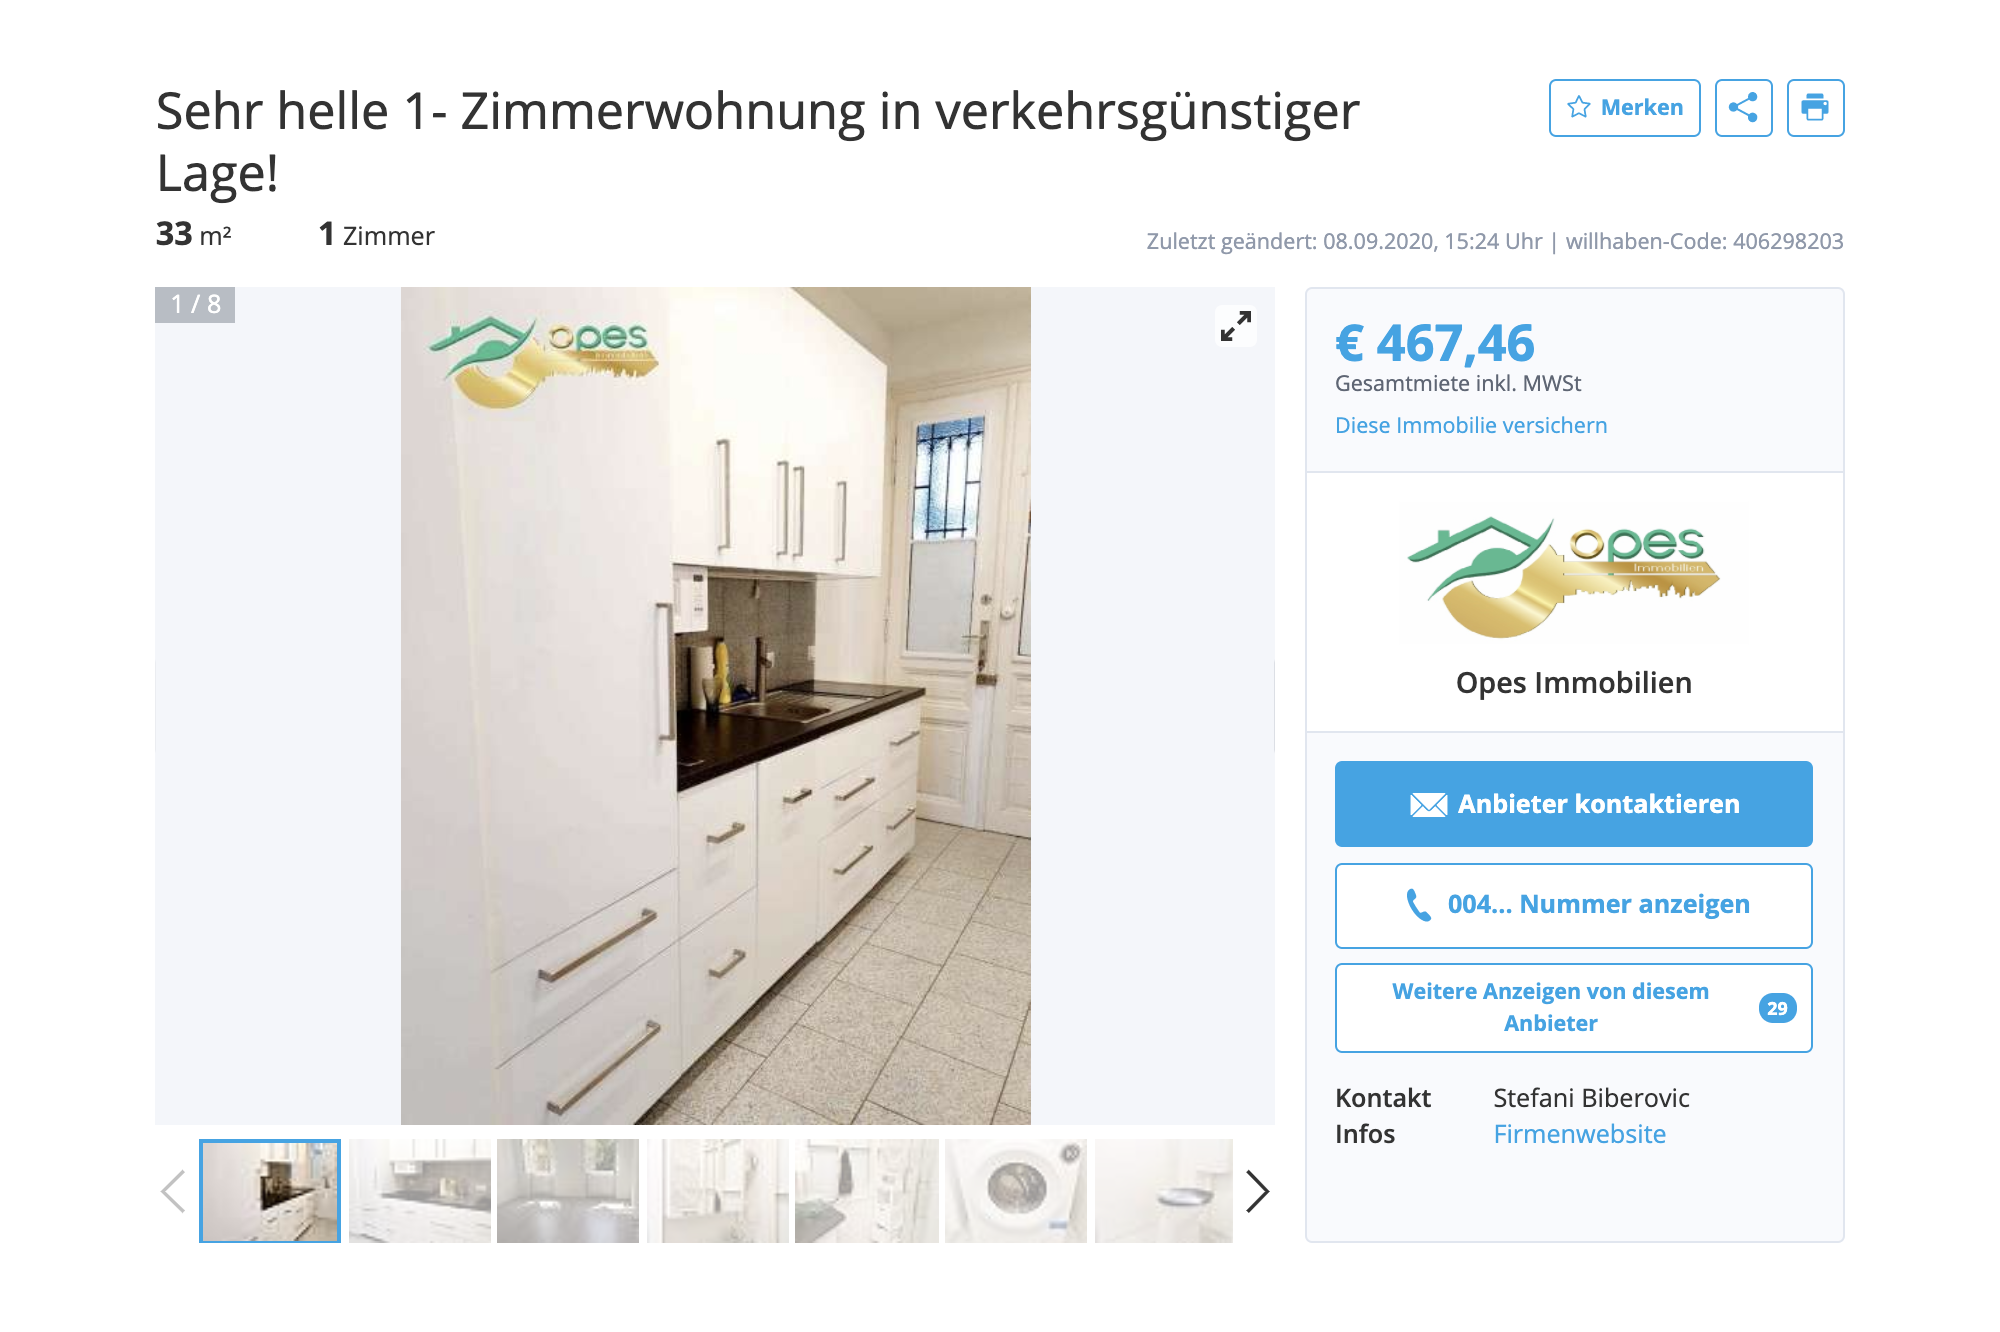 Однокомнатная квартира без&nbsp;мебели, но&nbsp;с&nbsp;кухней в 14-м районе — 476€ (43 316<span class=ruble>Р</span>). Это не&nbsp;очень близко к&nbsp;центру